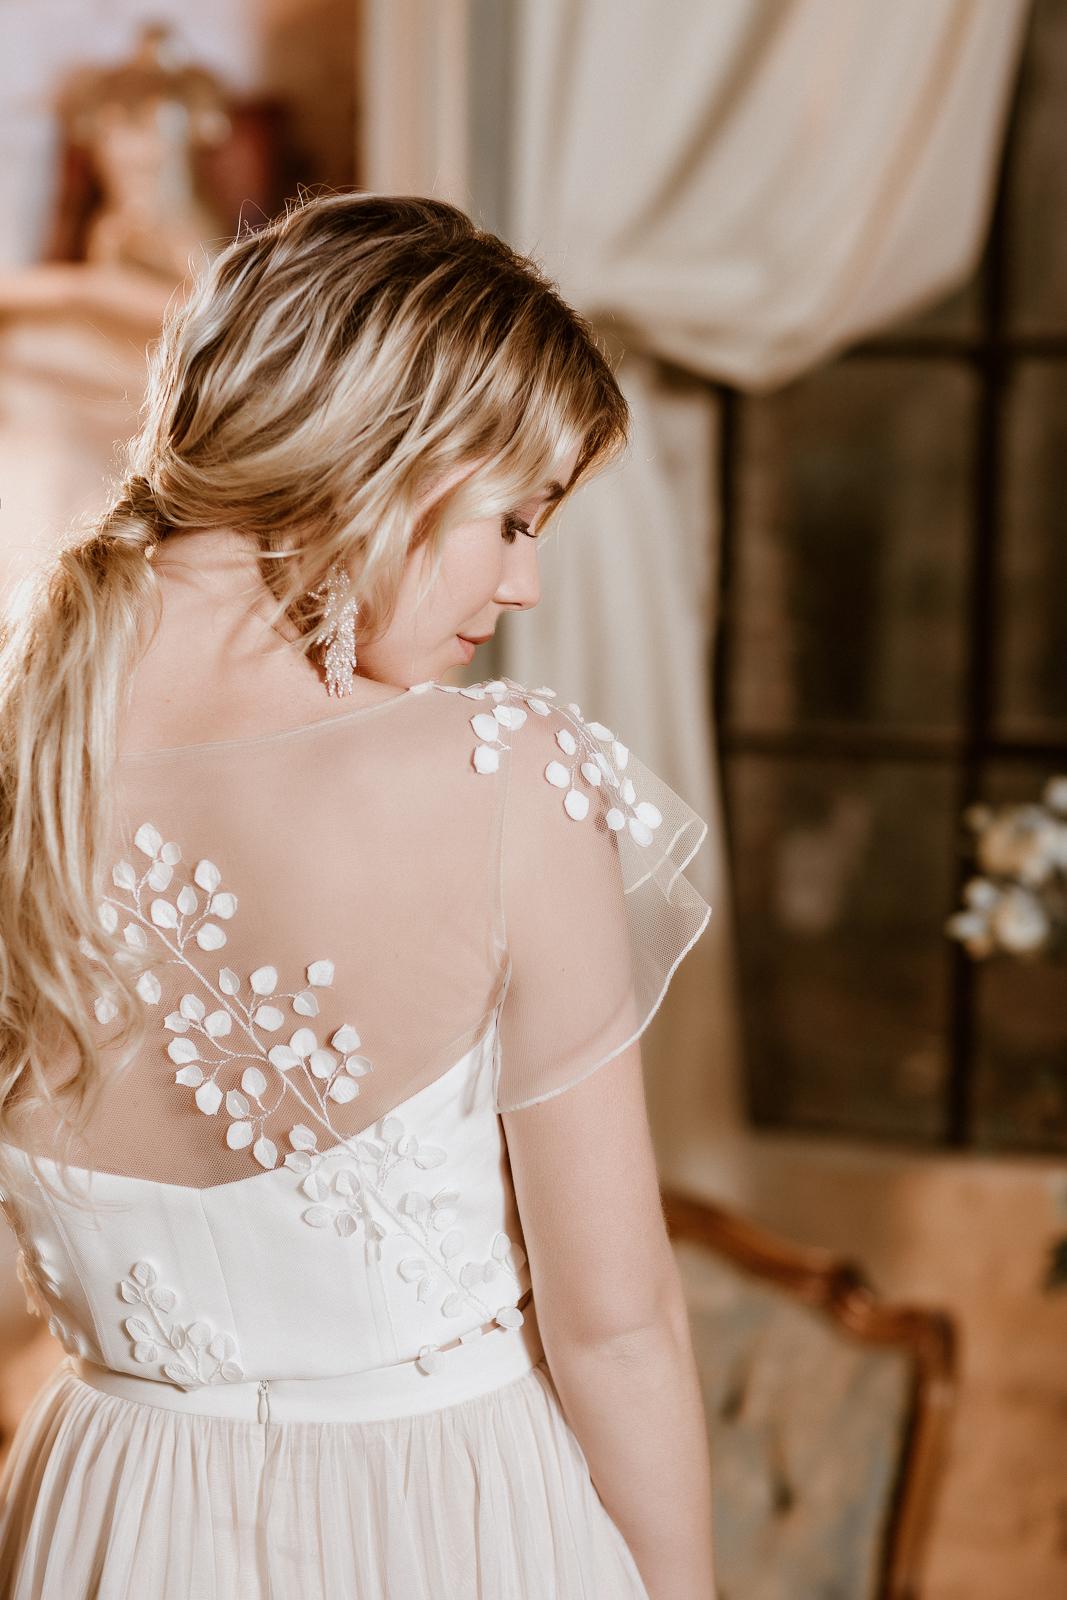 noni Jubiläumskollektion | Brautkleid mit Croptop aus 3D-Blättern, Rückenansicht (Foto: Le Hai Linh)